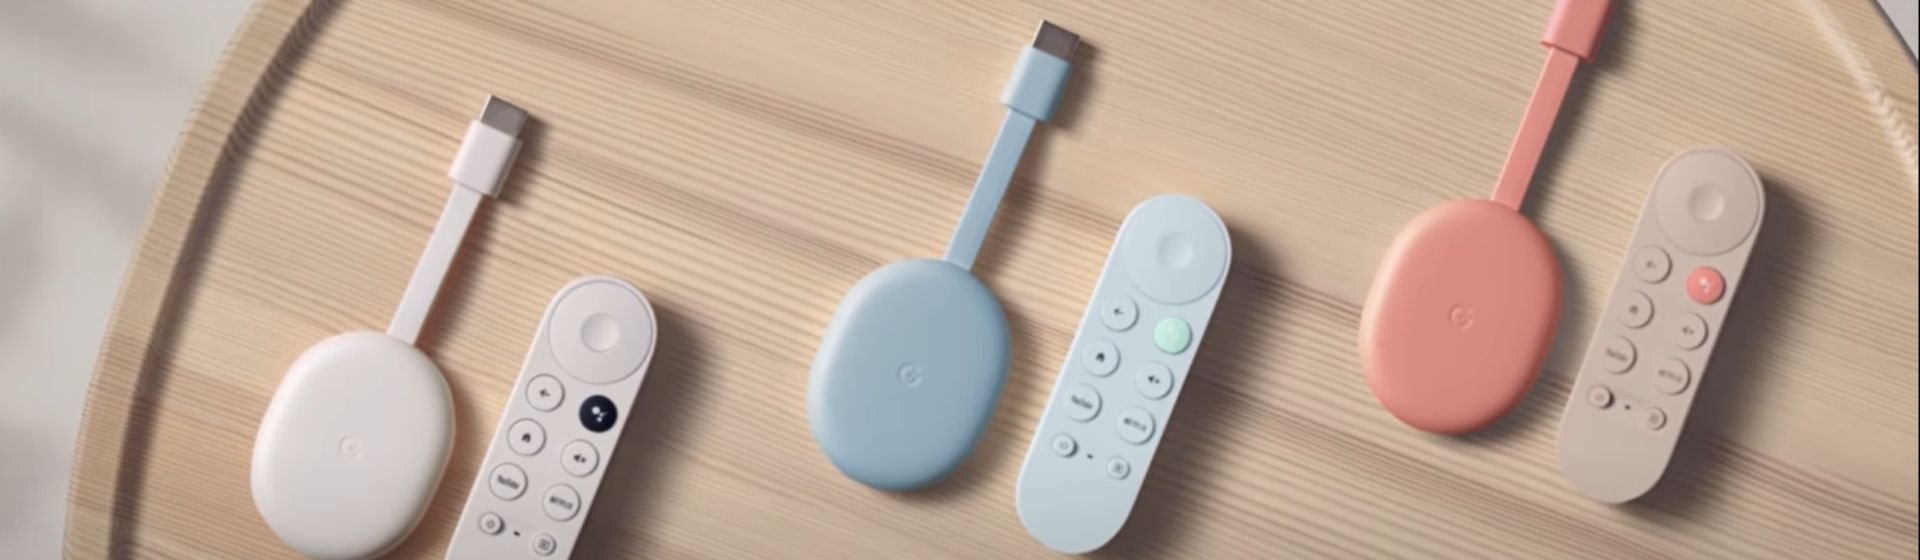 Chromecast com Google TV é anunciado; confira mais detalhes